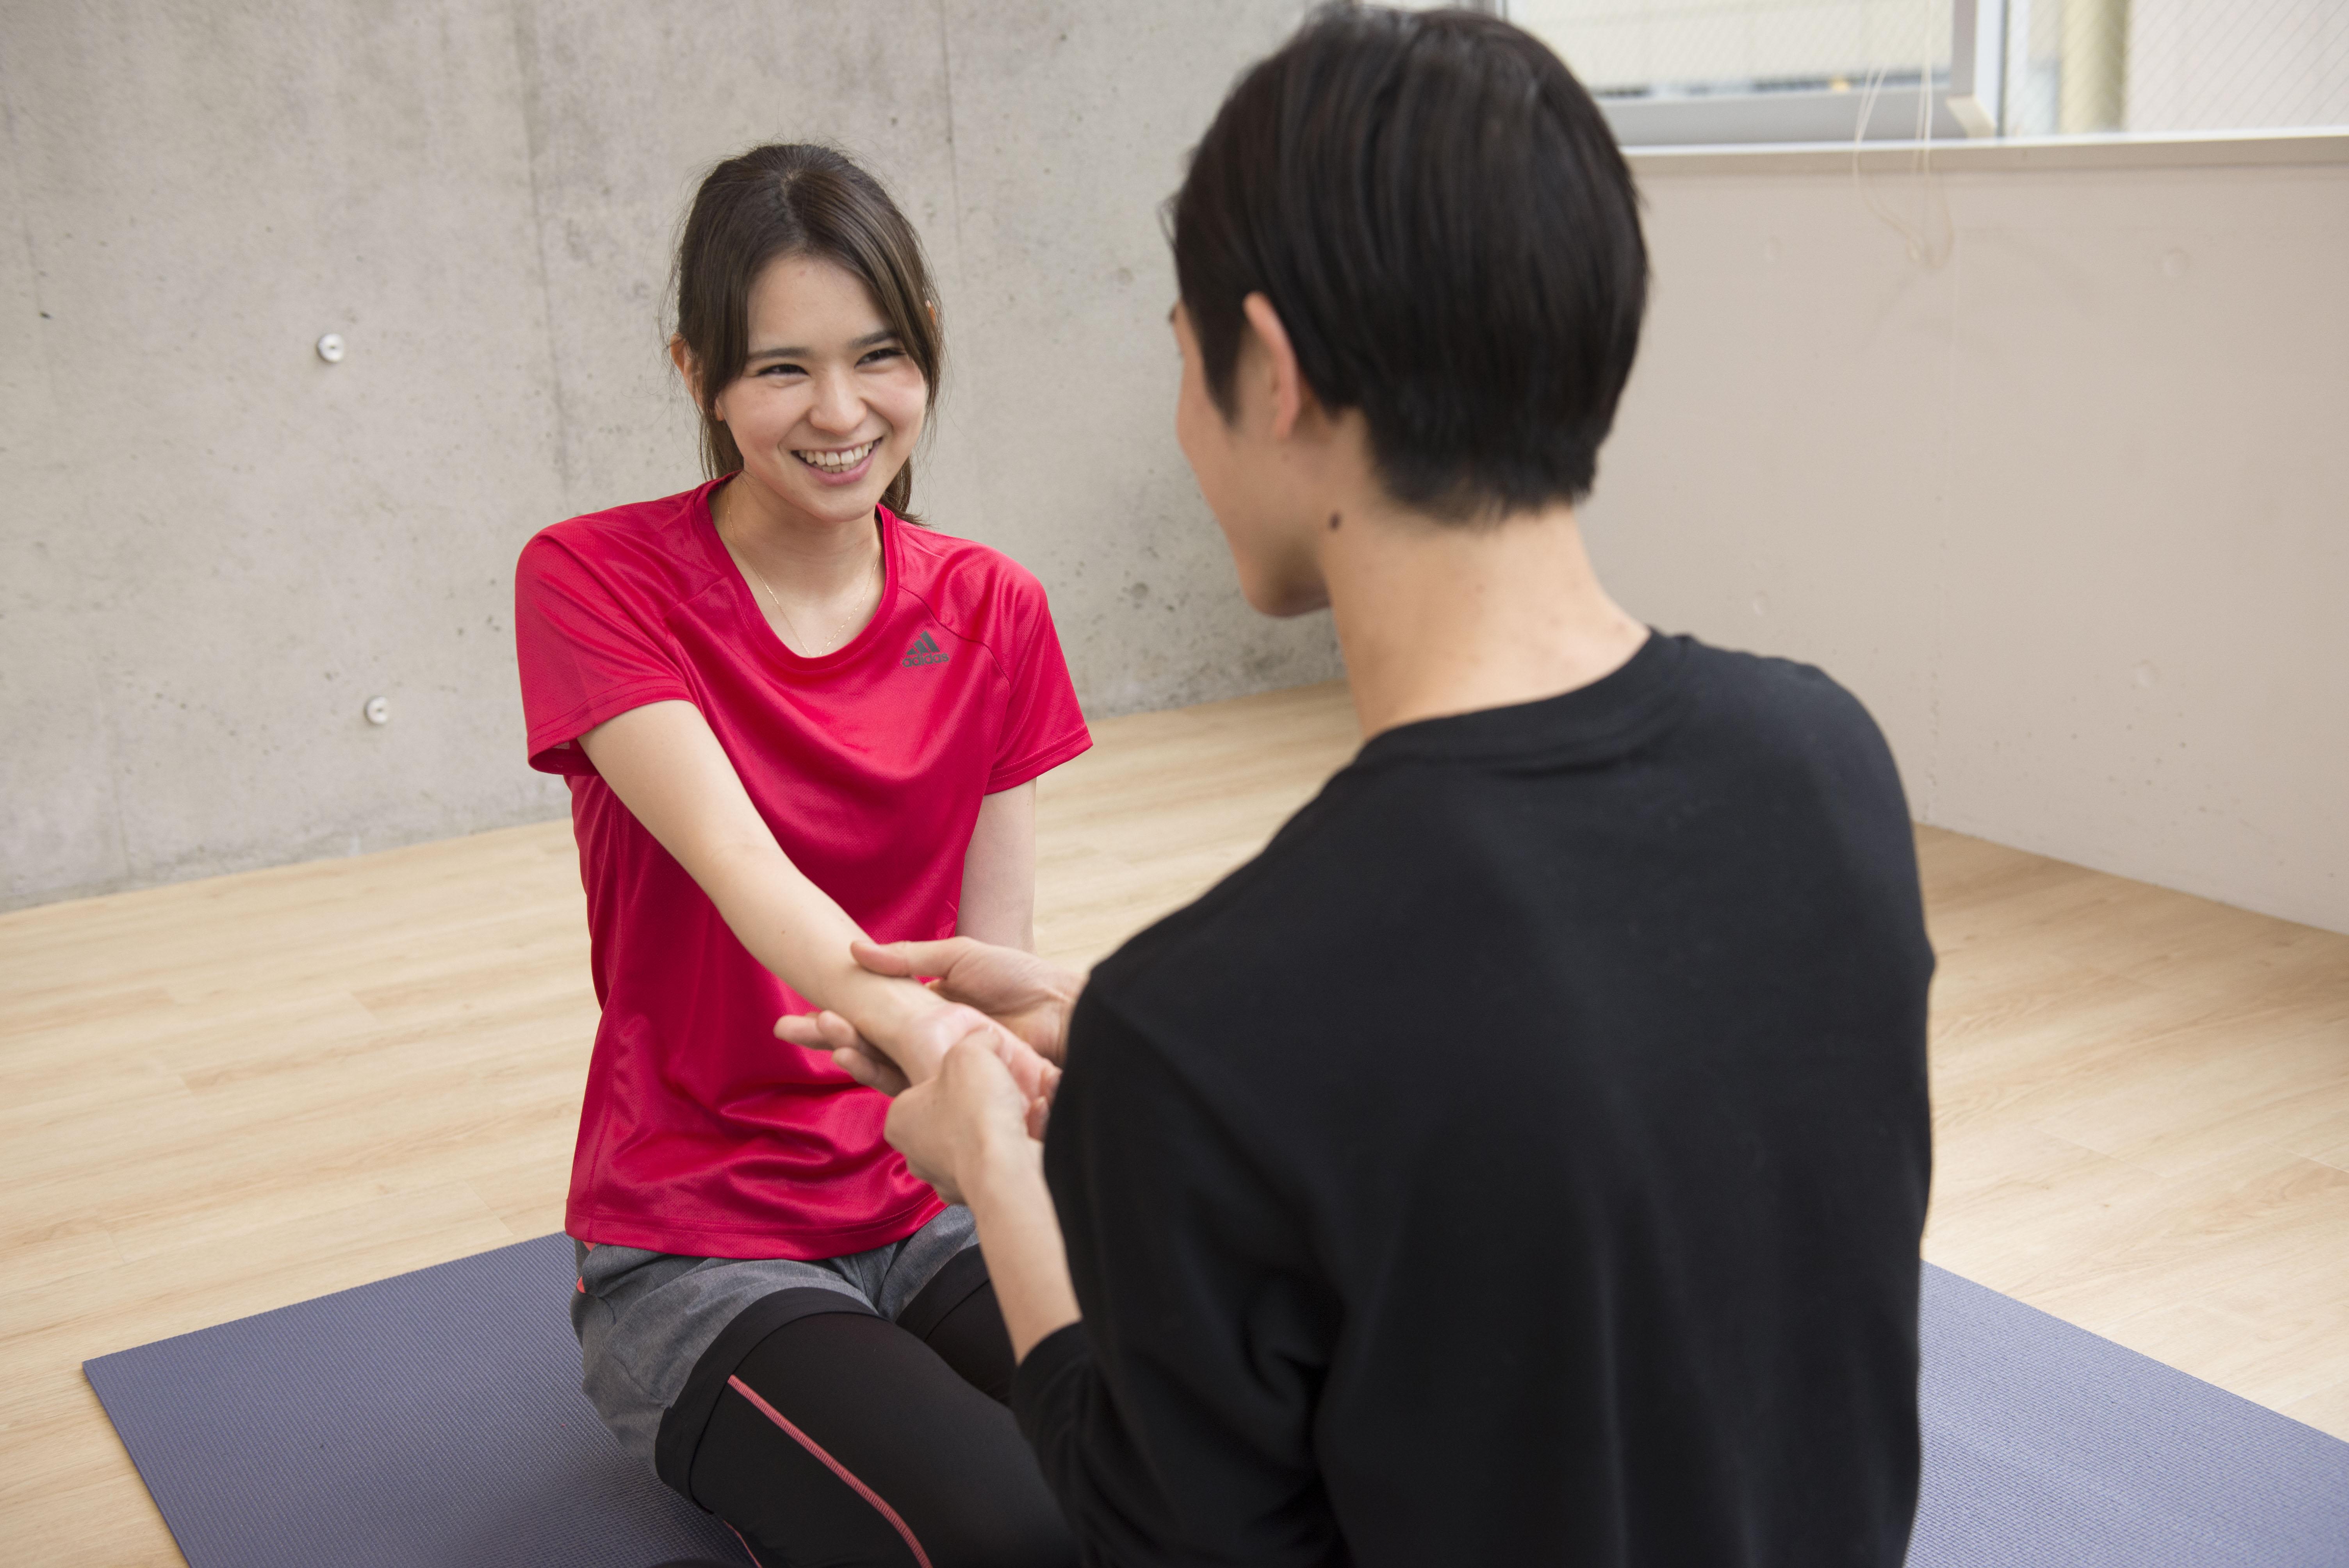 171209_epsilon1723epsilon_daichi-training